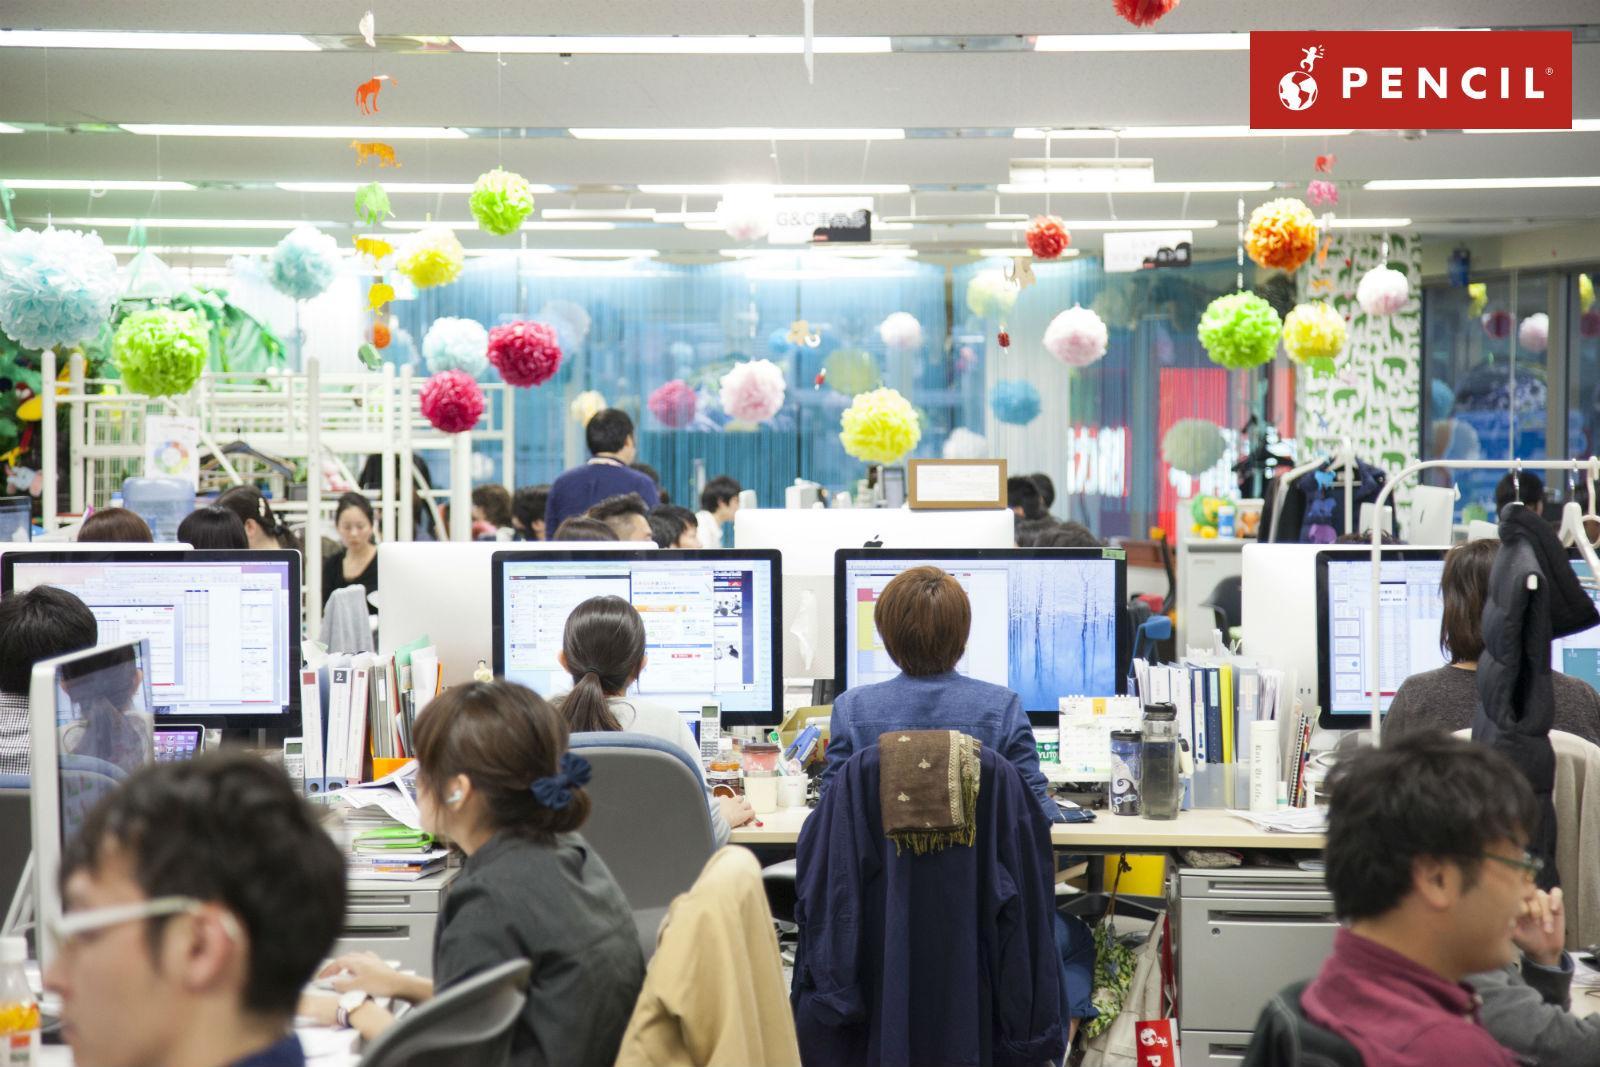 【福岡から世界へ】一気通貫のコンサルで企業のウェブ戦略を支えるプロデューサー【九州初のPRIDE指標ゴールド受賞】